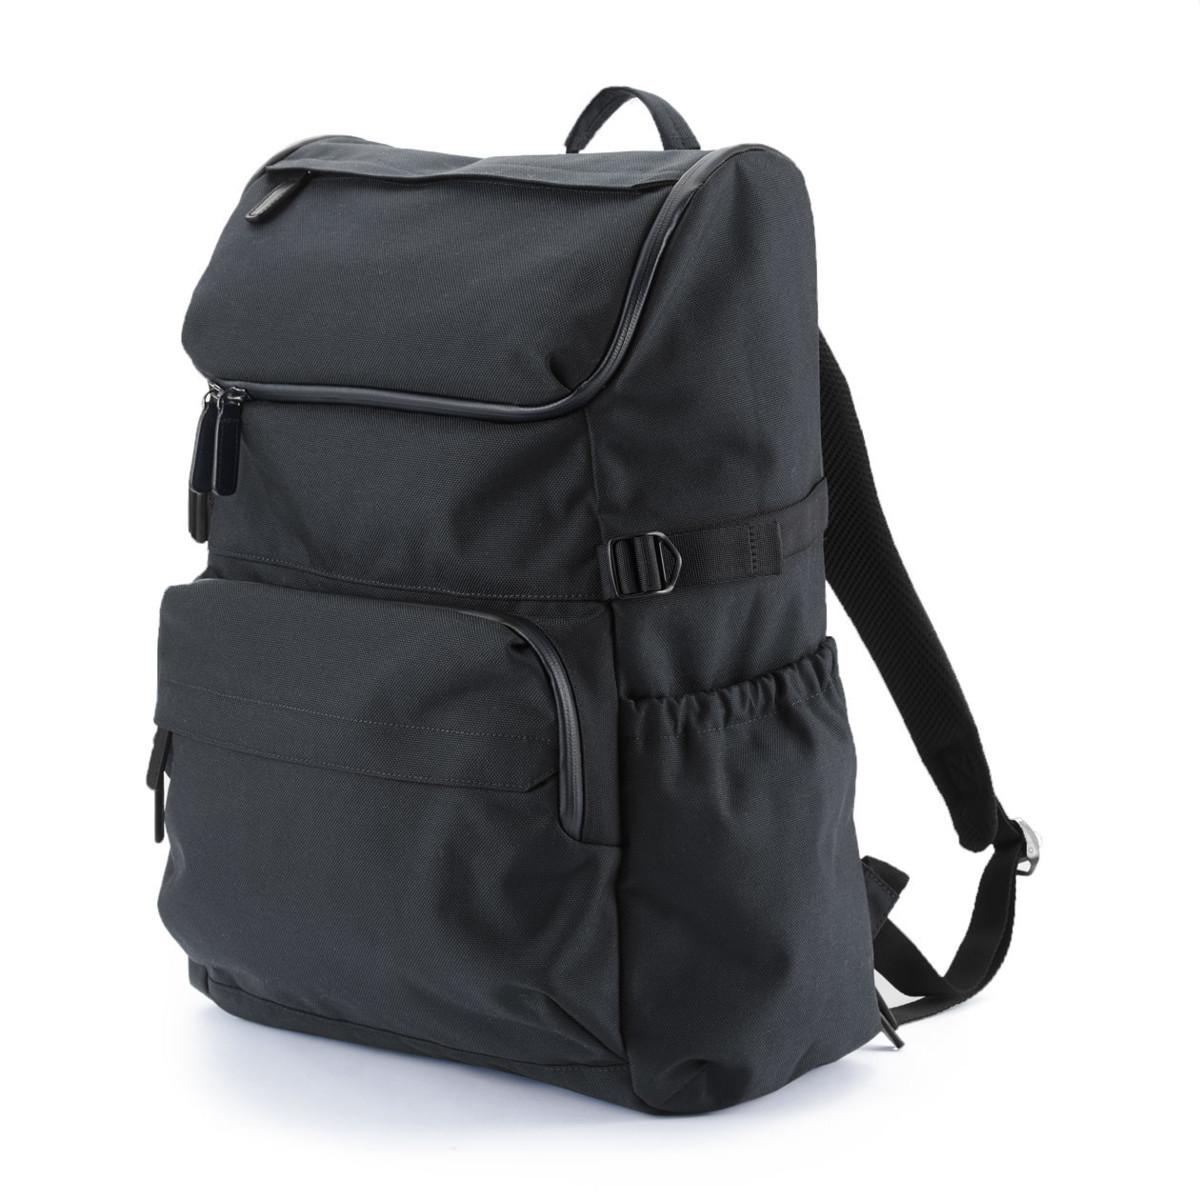 e9c04ff0ff68 無印良品収納力のあるバッグ・リュックを使うと、その分つい荷物を多く入れてしまう…という方、意外と多いのではないでしょうか。たっぷり荷物を入れたはよいものの、  ...